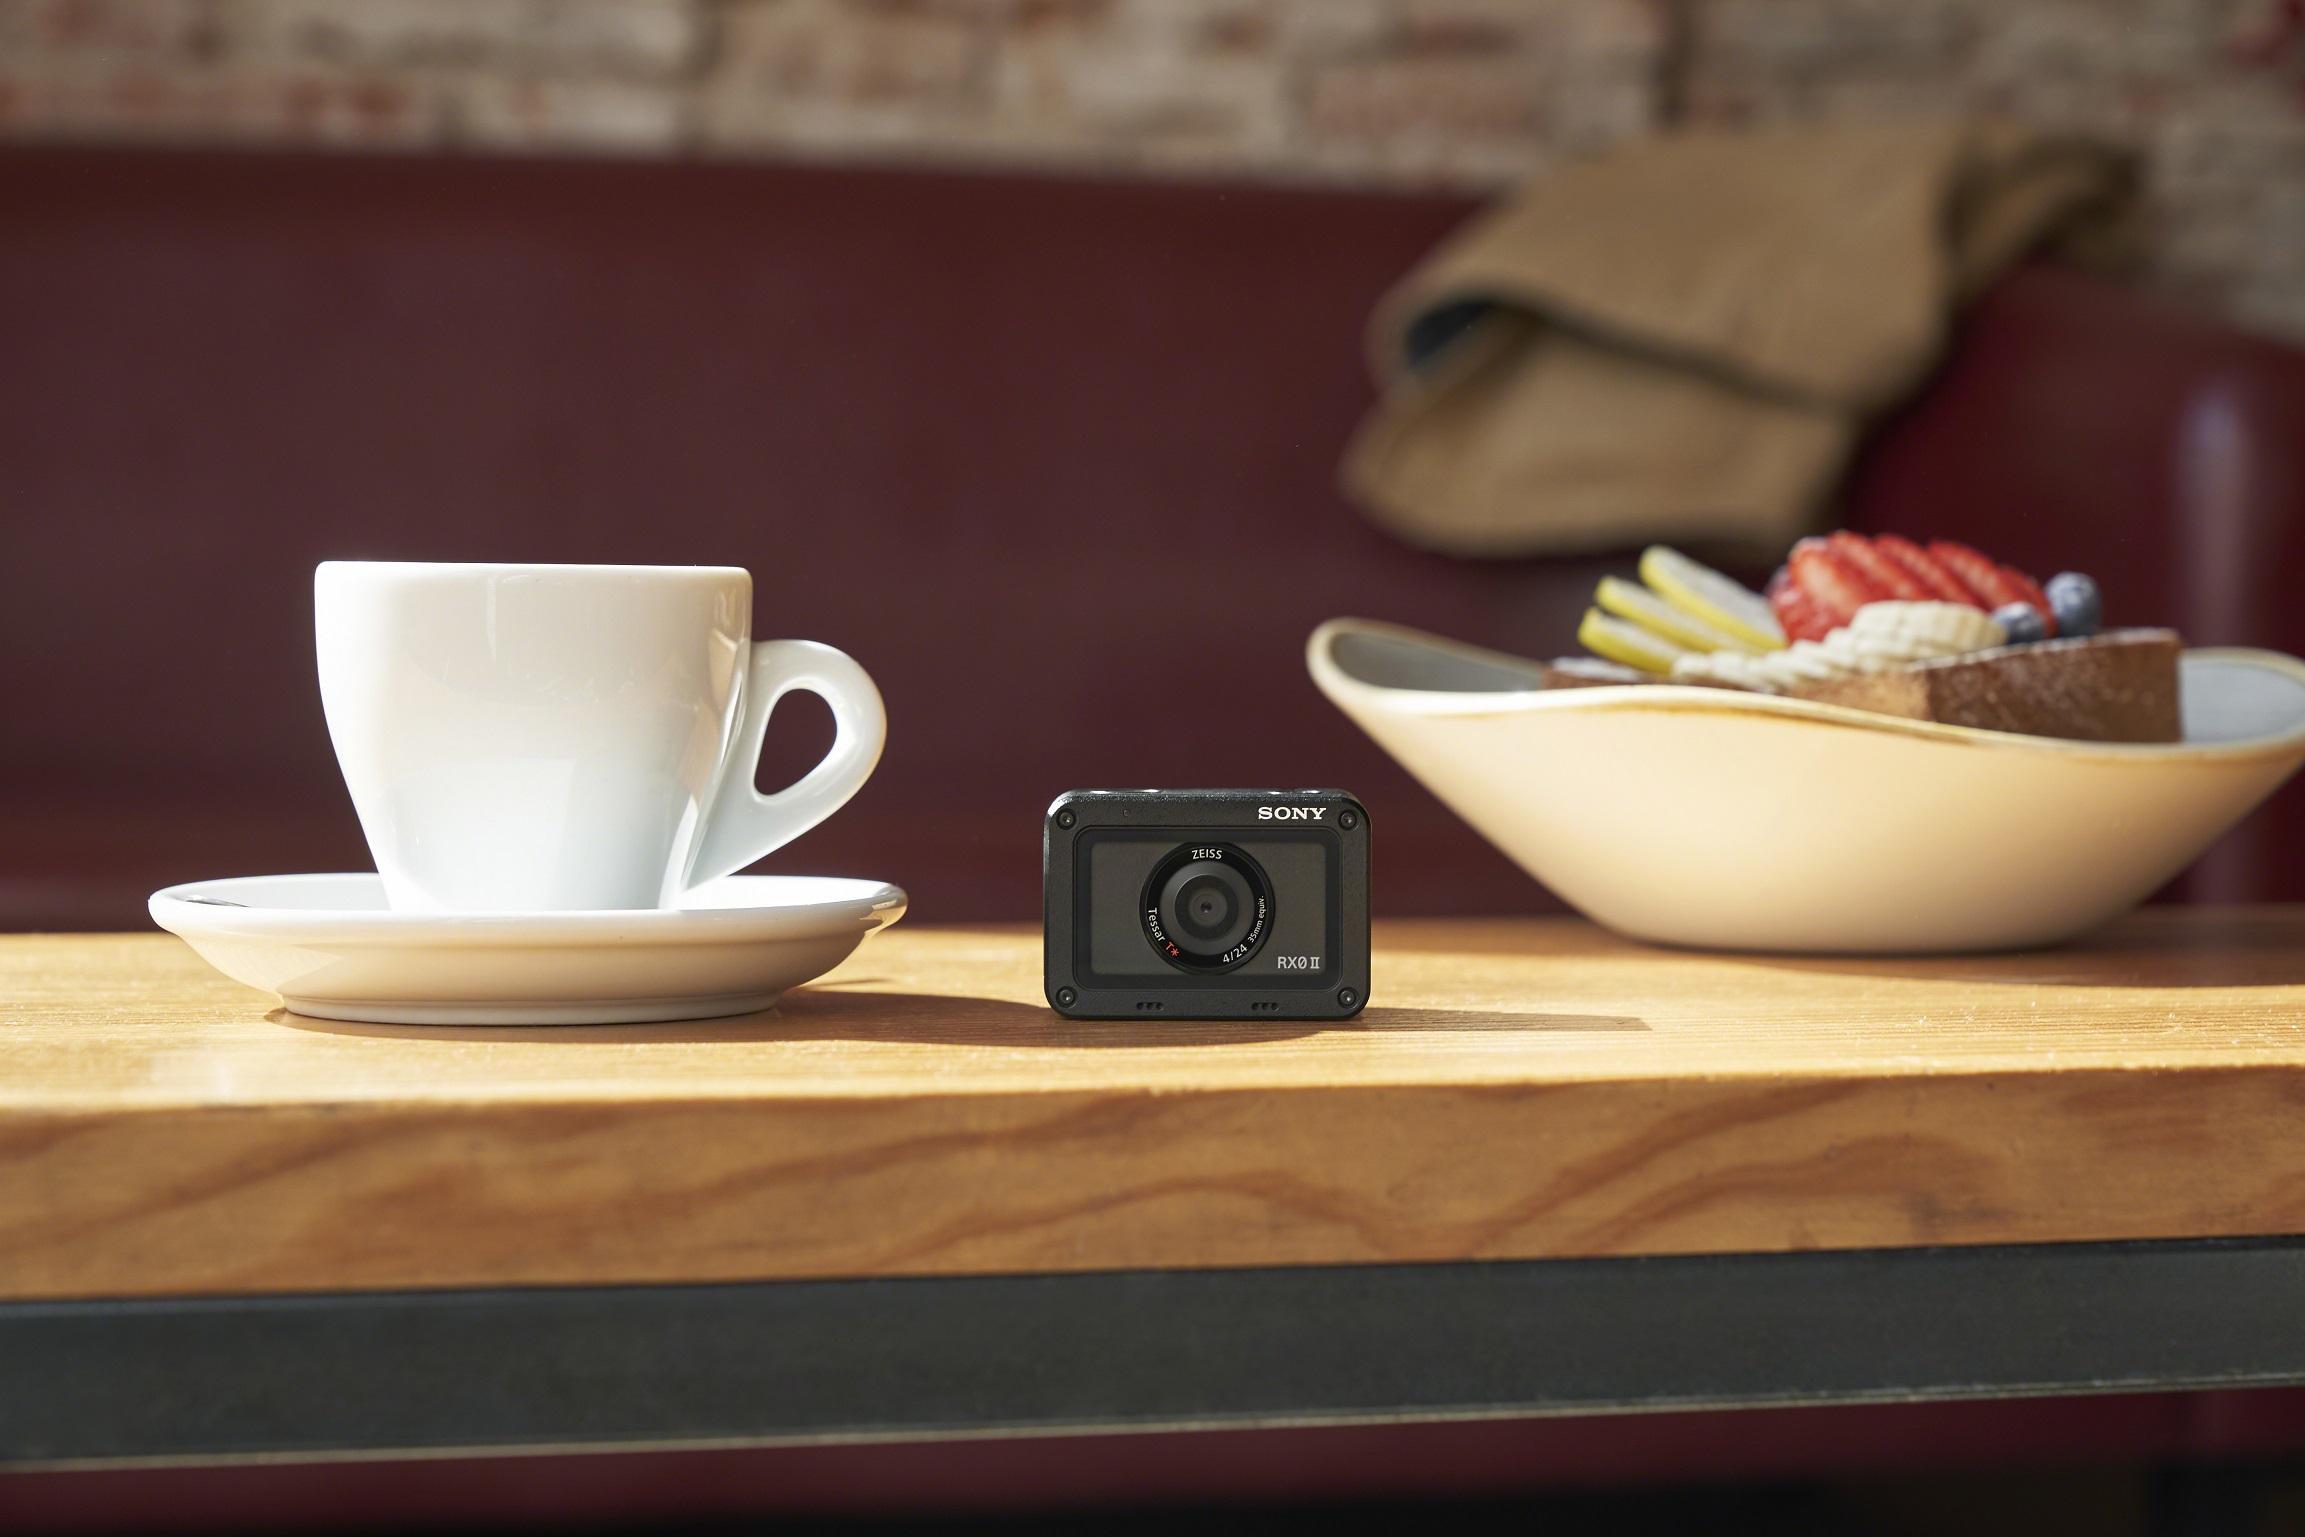 Sony представи RX0 II, най-малкия и най-лек първокласен ултракомпактен фотоапарат в света